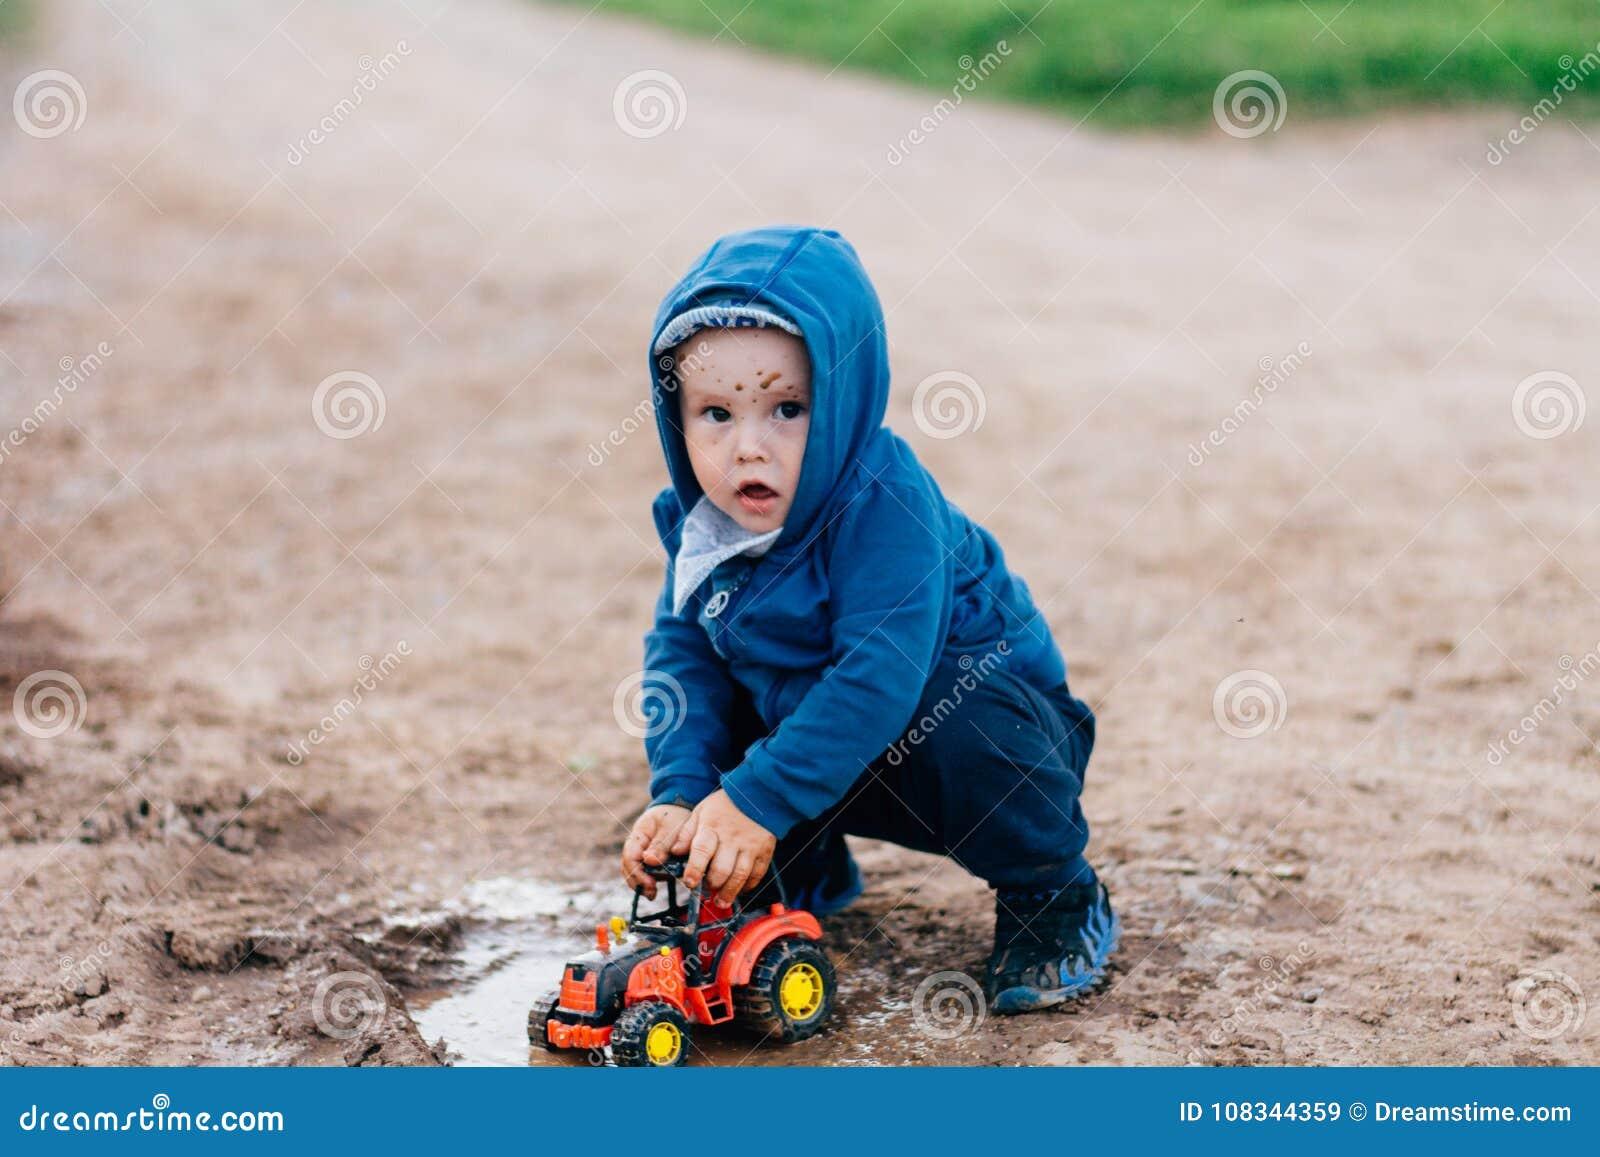 Il ragazzo in vestito blu gioca con un automobile del giocattolo nella sporcizia